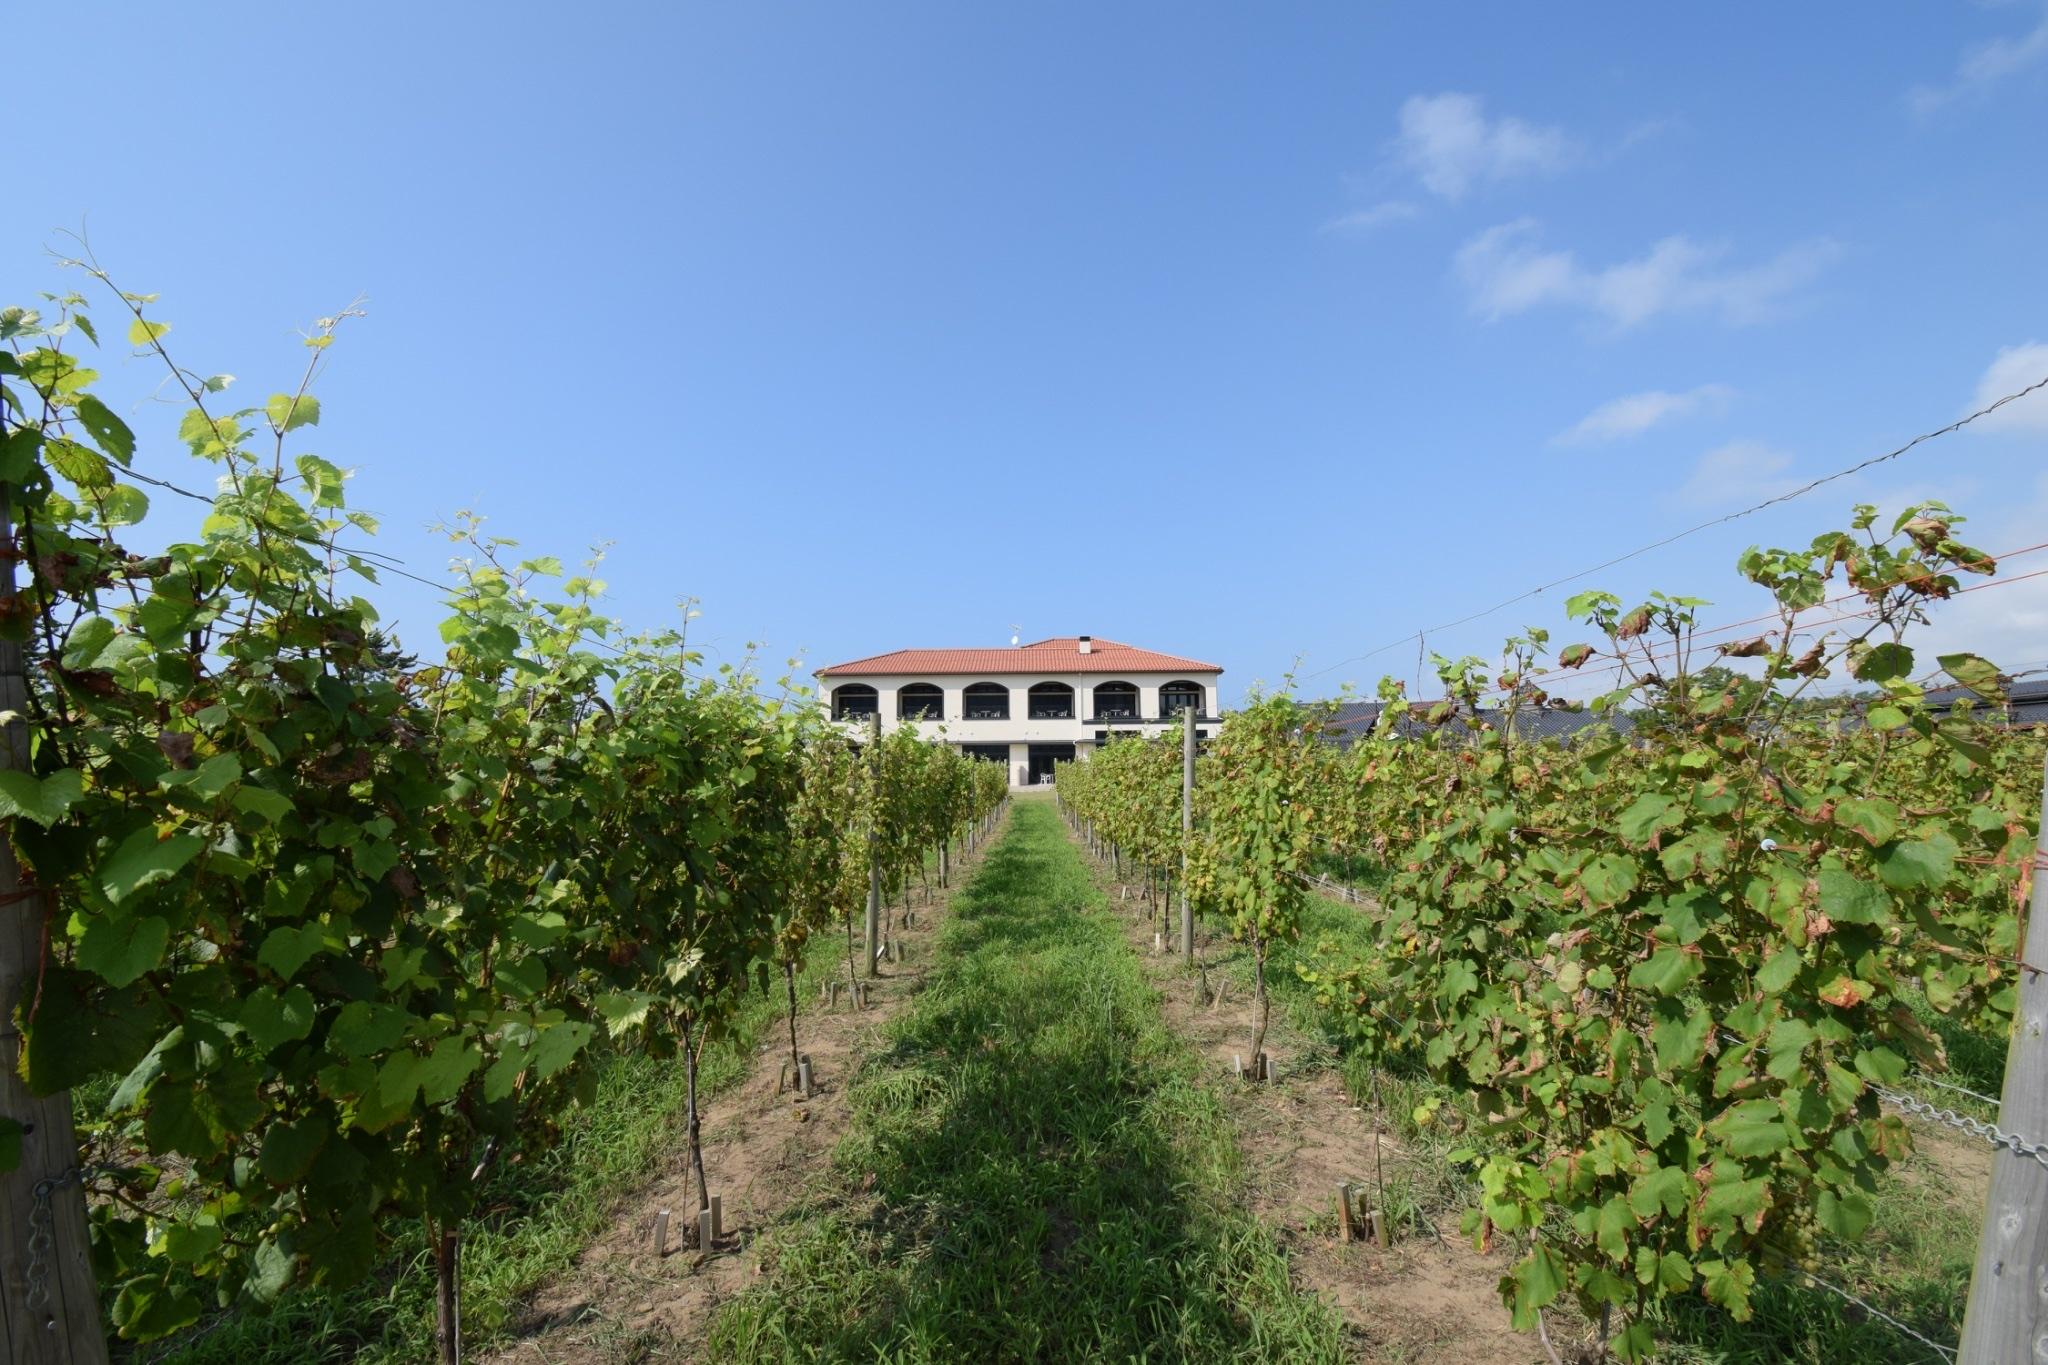 【女子旅におすすめ】ワイン好きさん必見♪葡萄畑を眺めながらゆったりワイナリーステイ♡_1